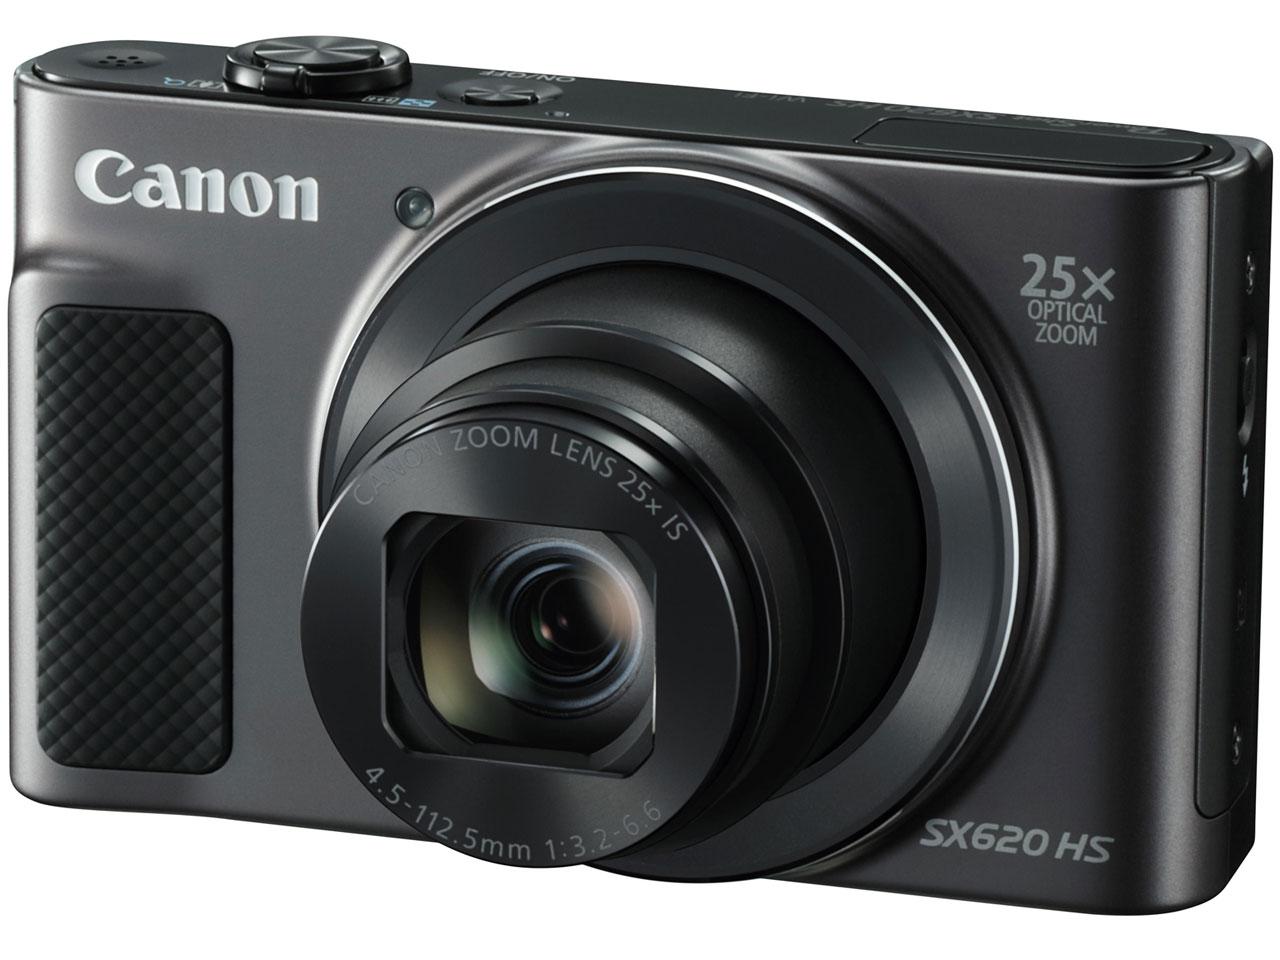 PowerShot SX620 HS [ブラック] の製品画像